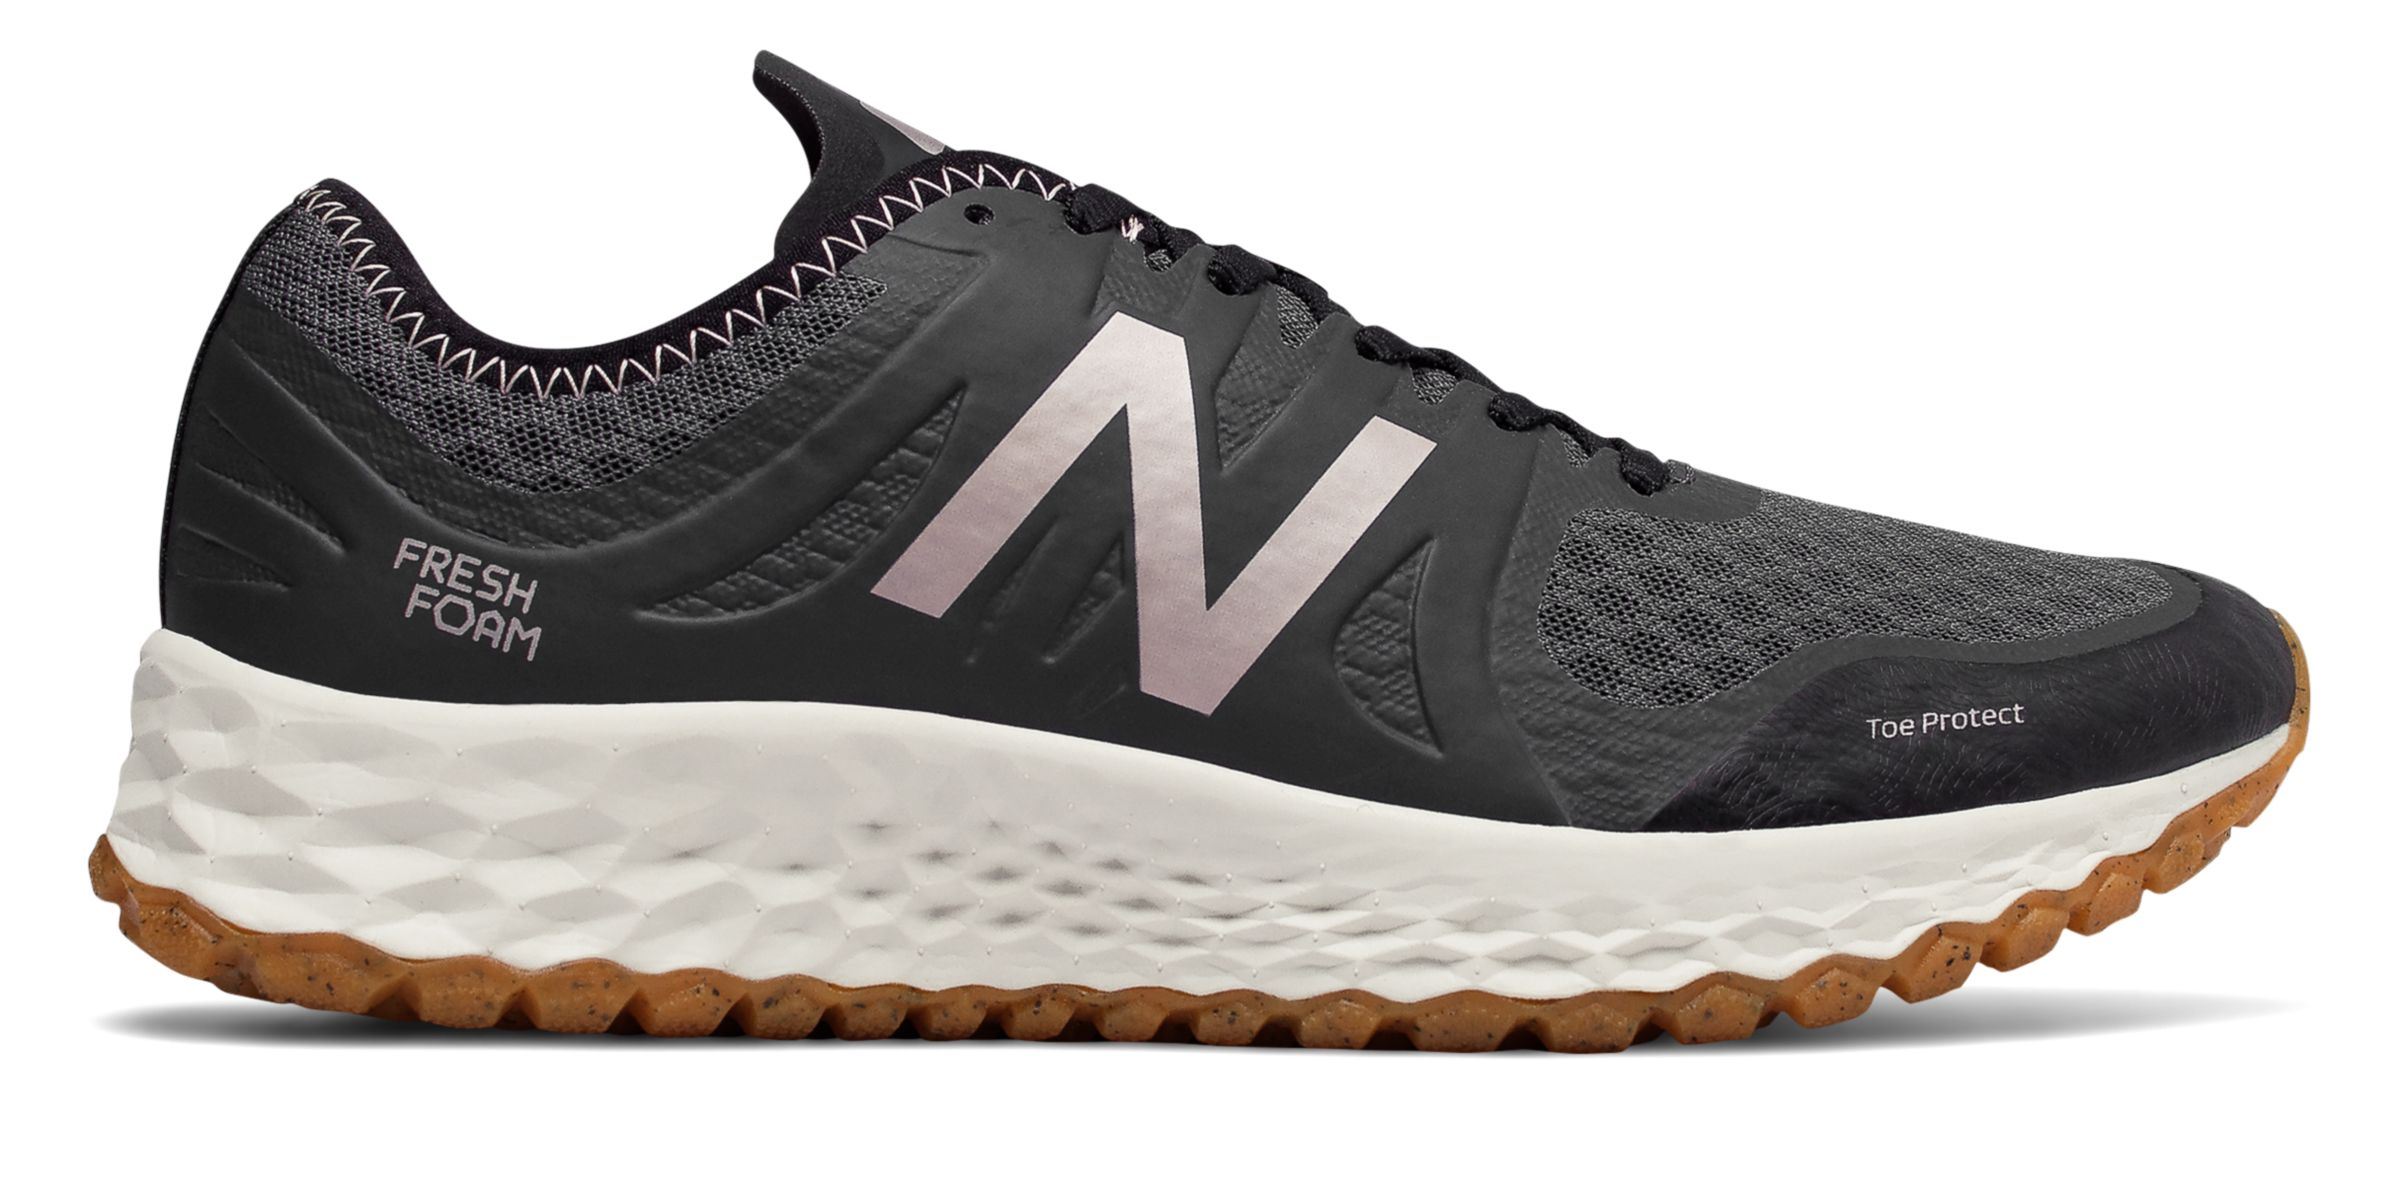 Zapatos Para Caminar Las Nuevas Mujeres De Equilibrio 812 CcrvCn8L